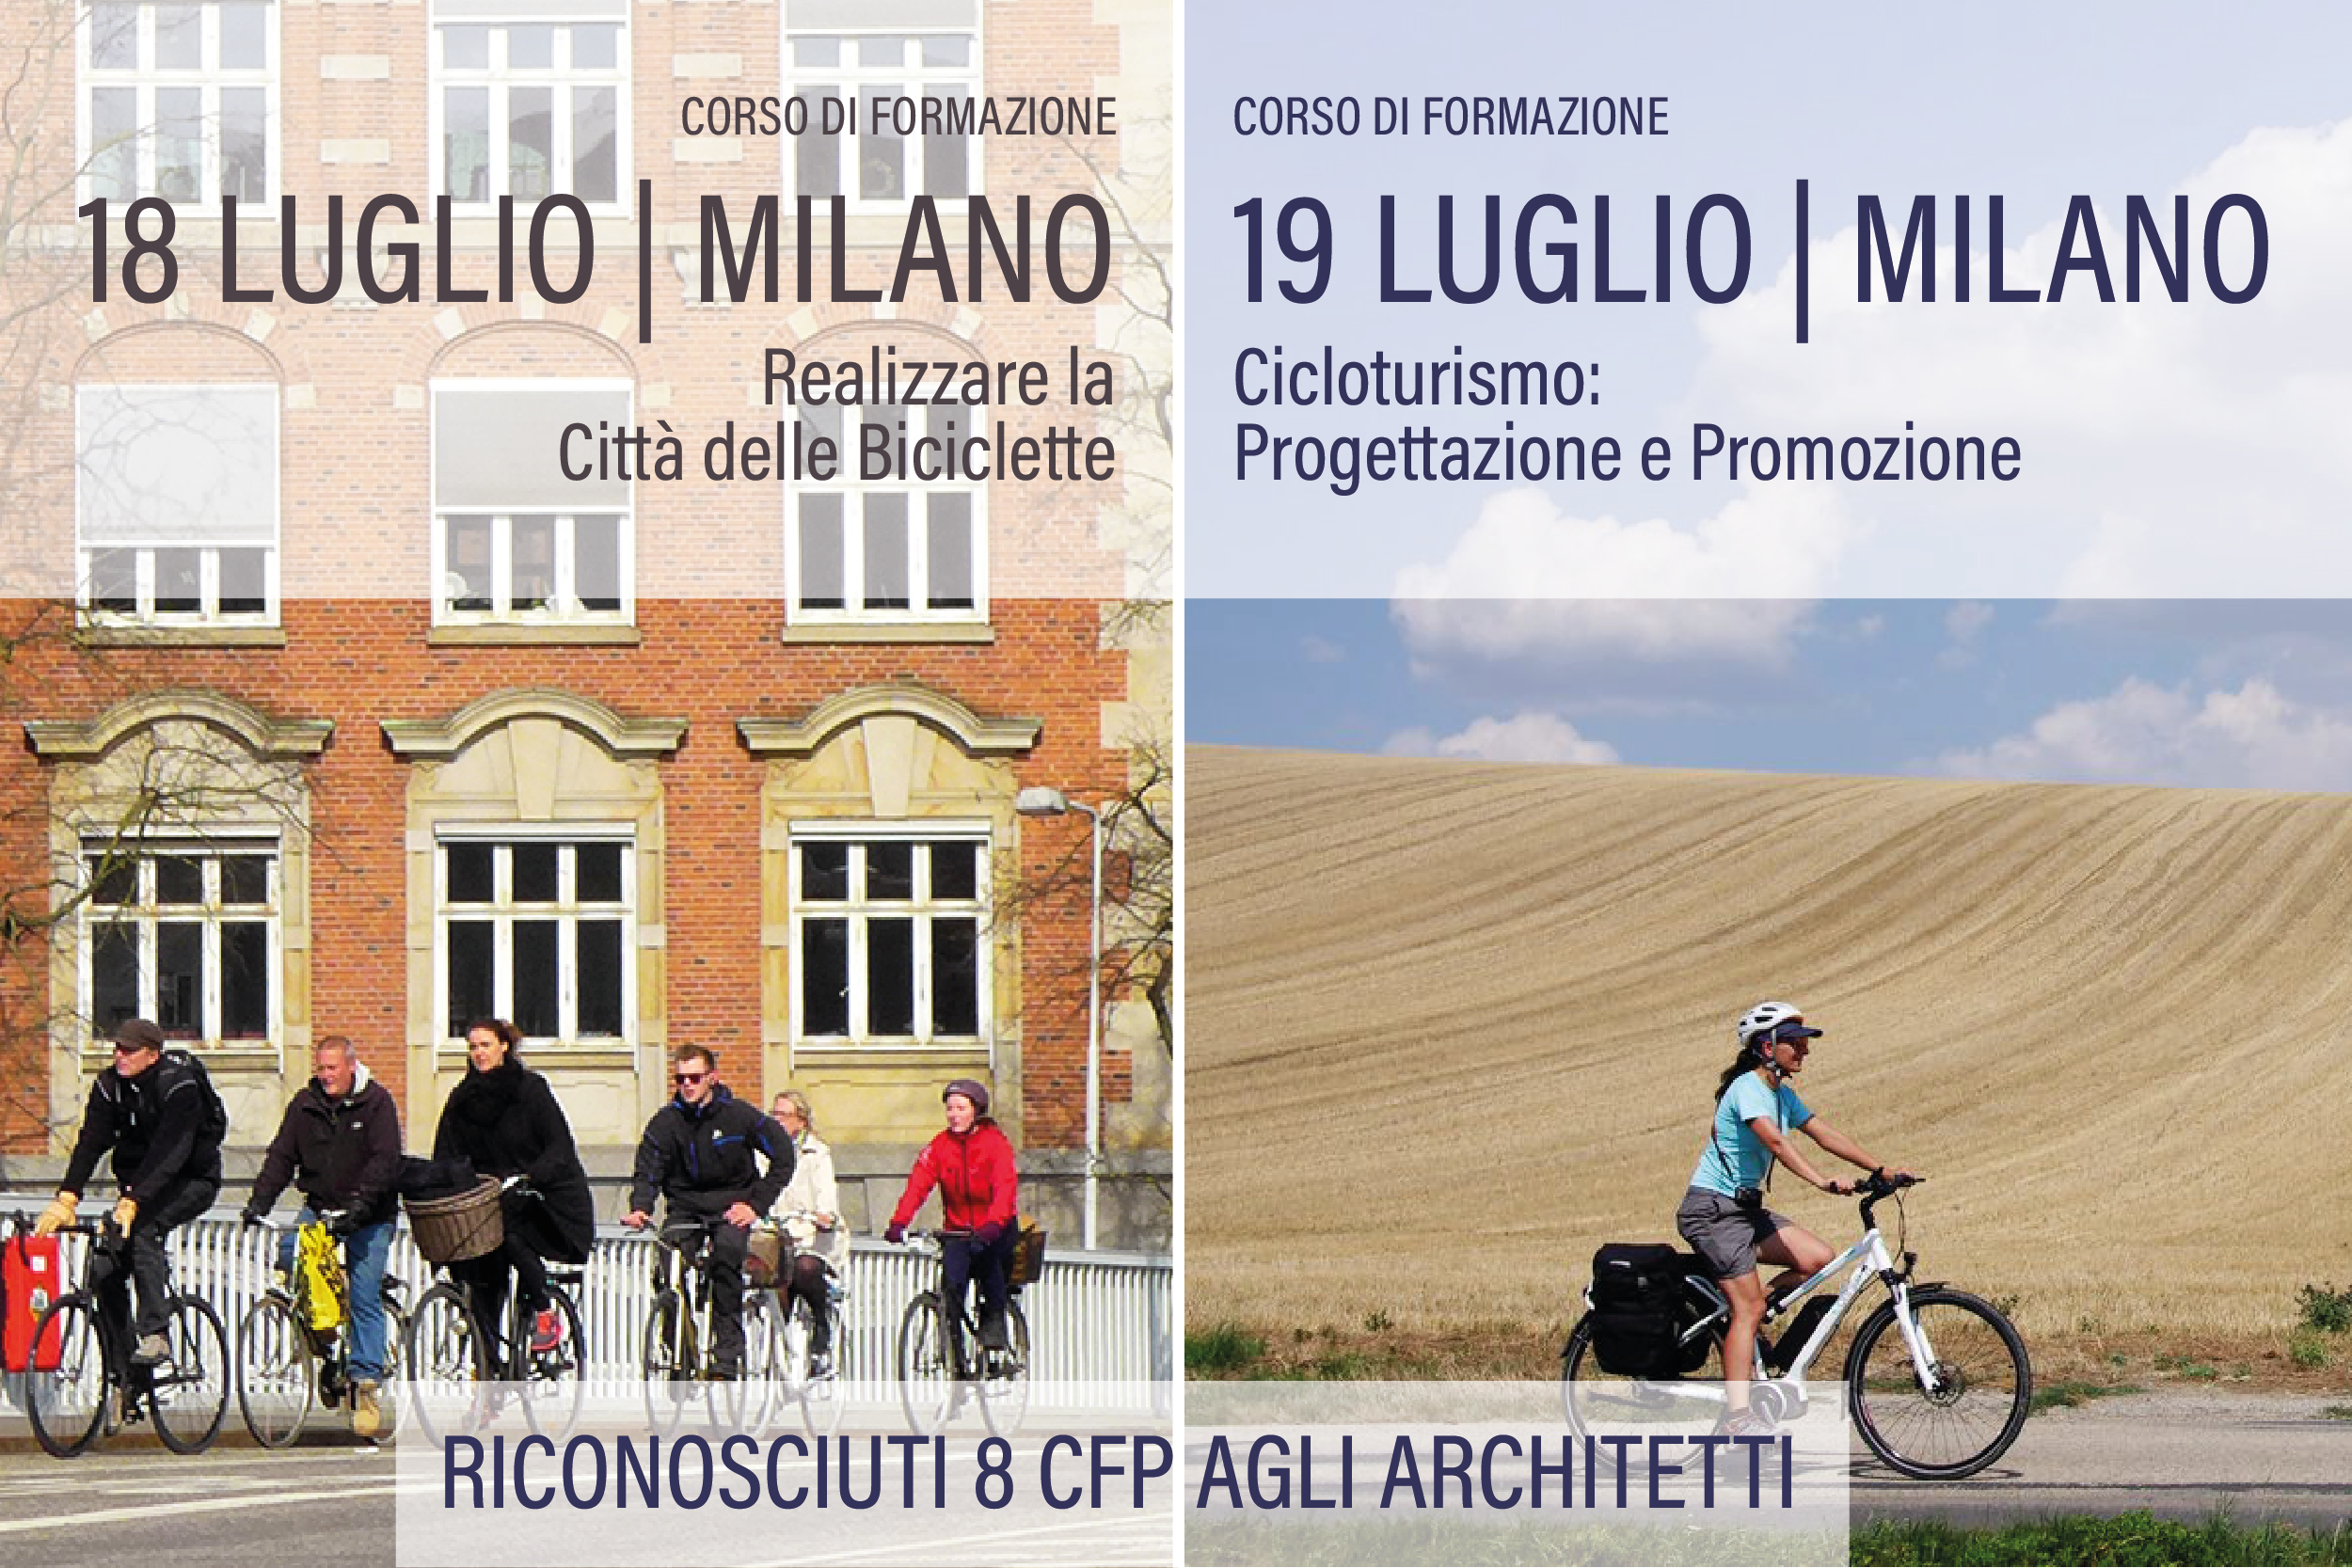 corsi_mobilità_ciclistica